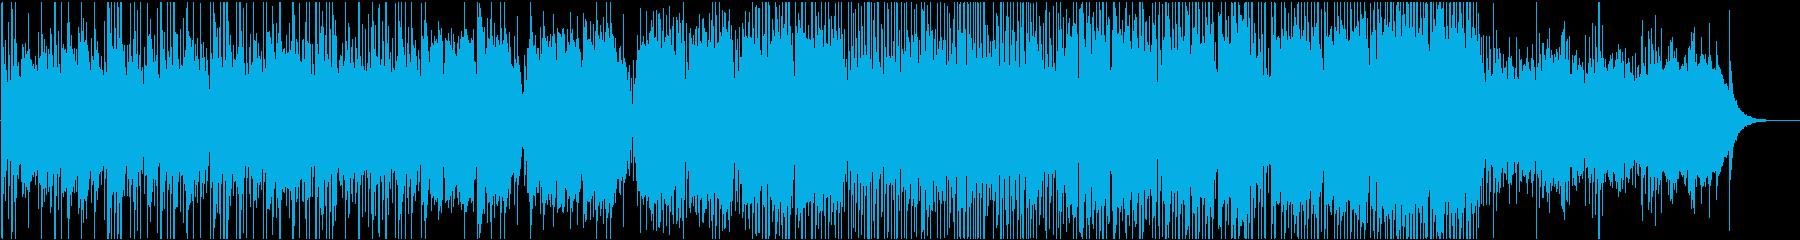 和風BGM 和の映像に合うバラード2の再生済みの波形